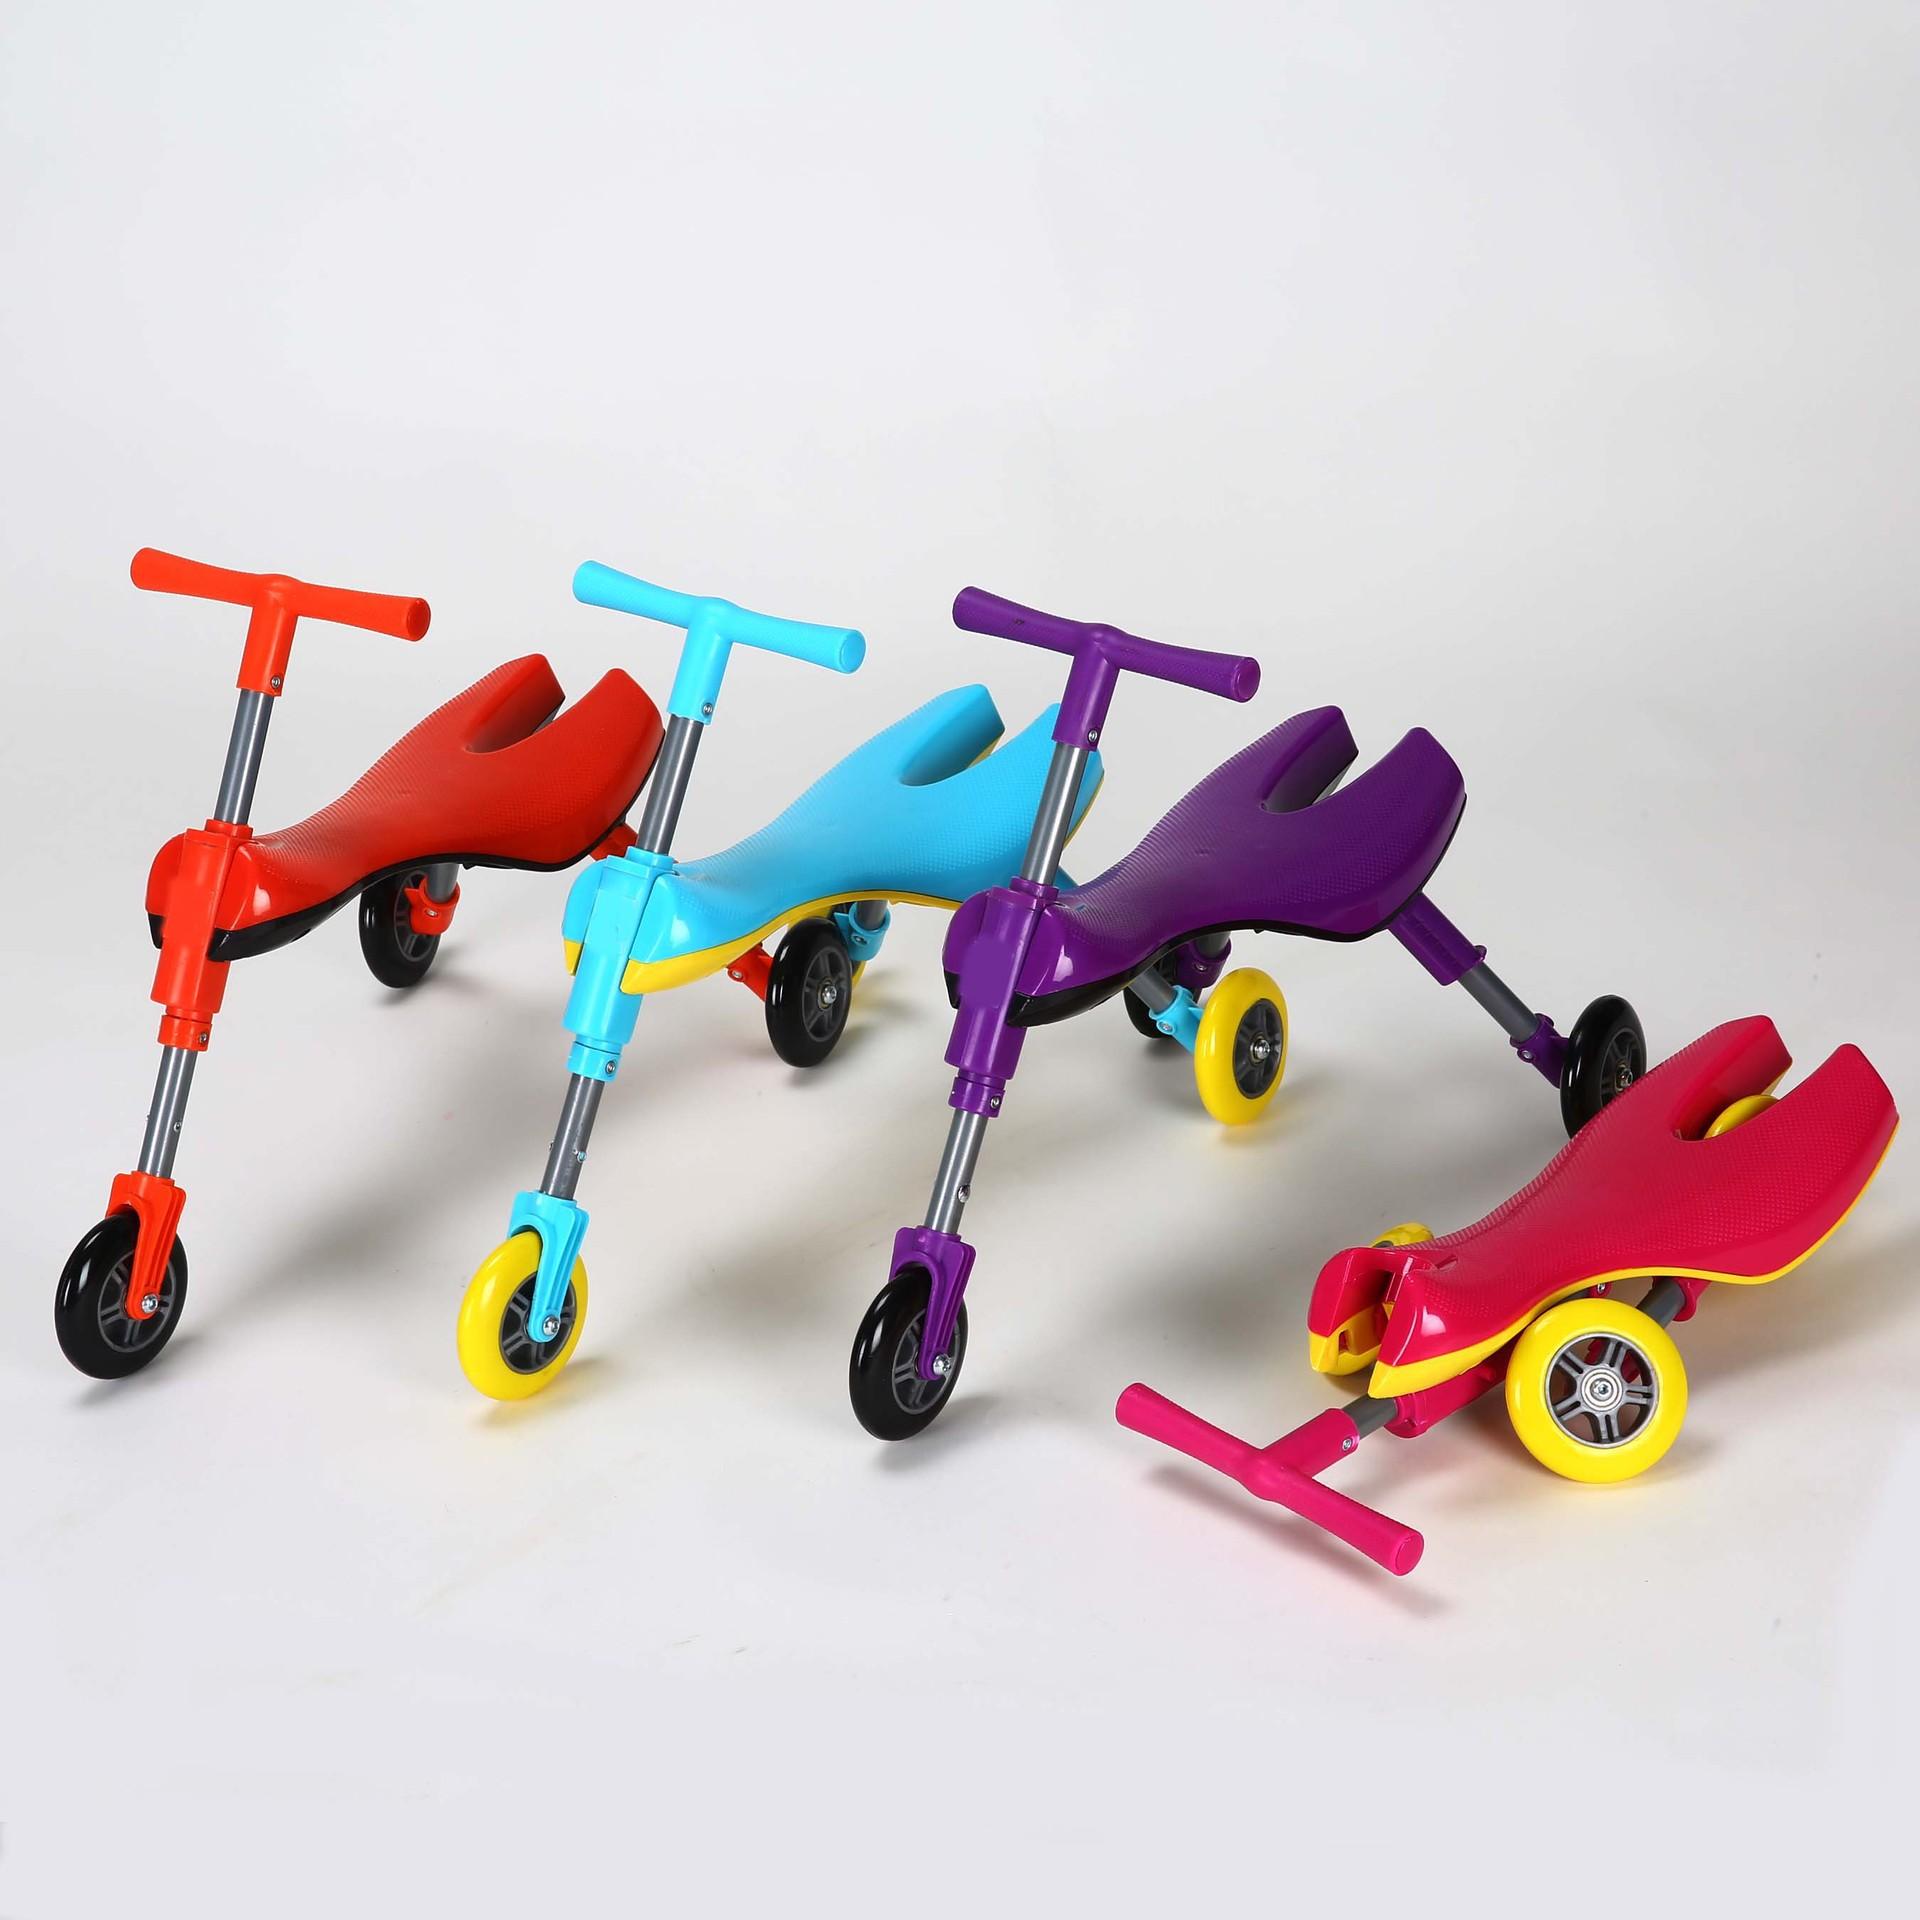 Sản xuất bán trực tiếp xe máy đồ chơi cho trẻ em Em bé đi bộ trên xe Amazon.